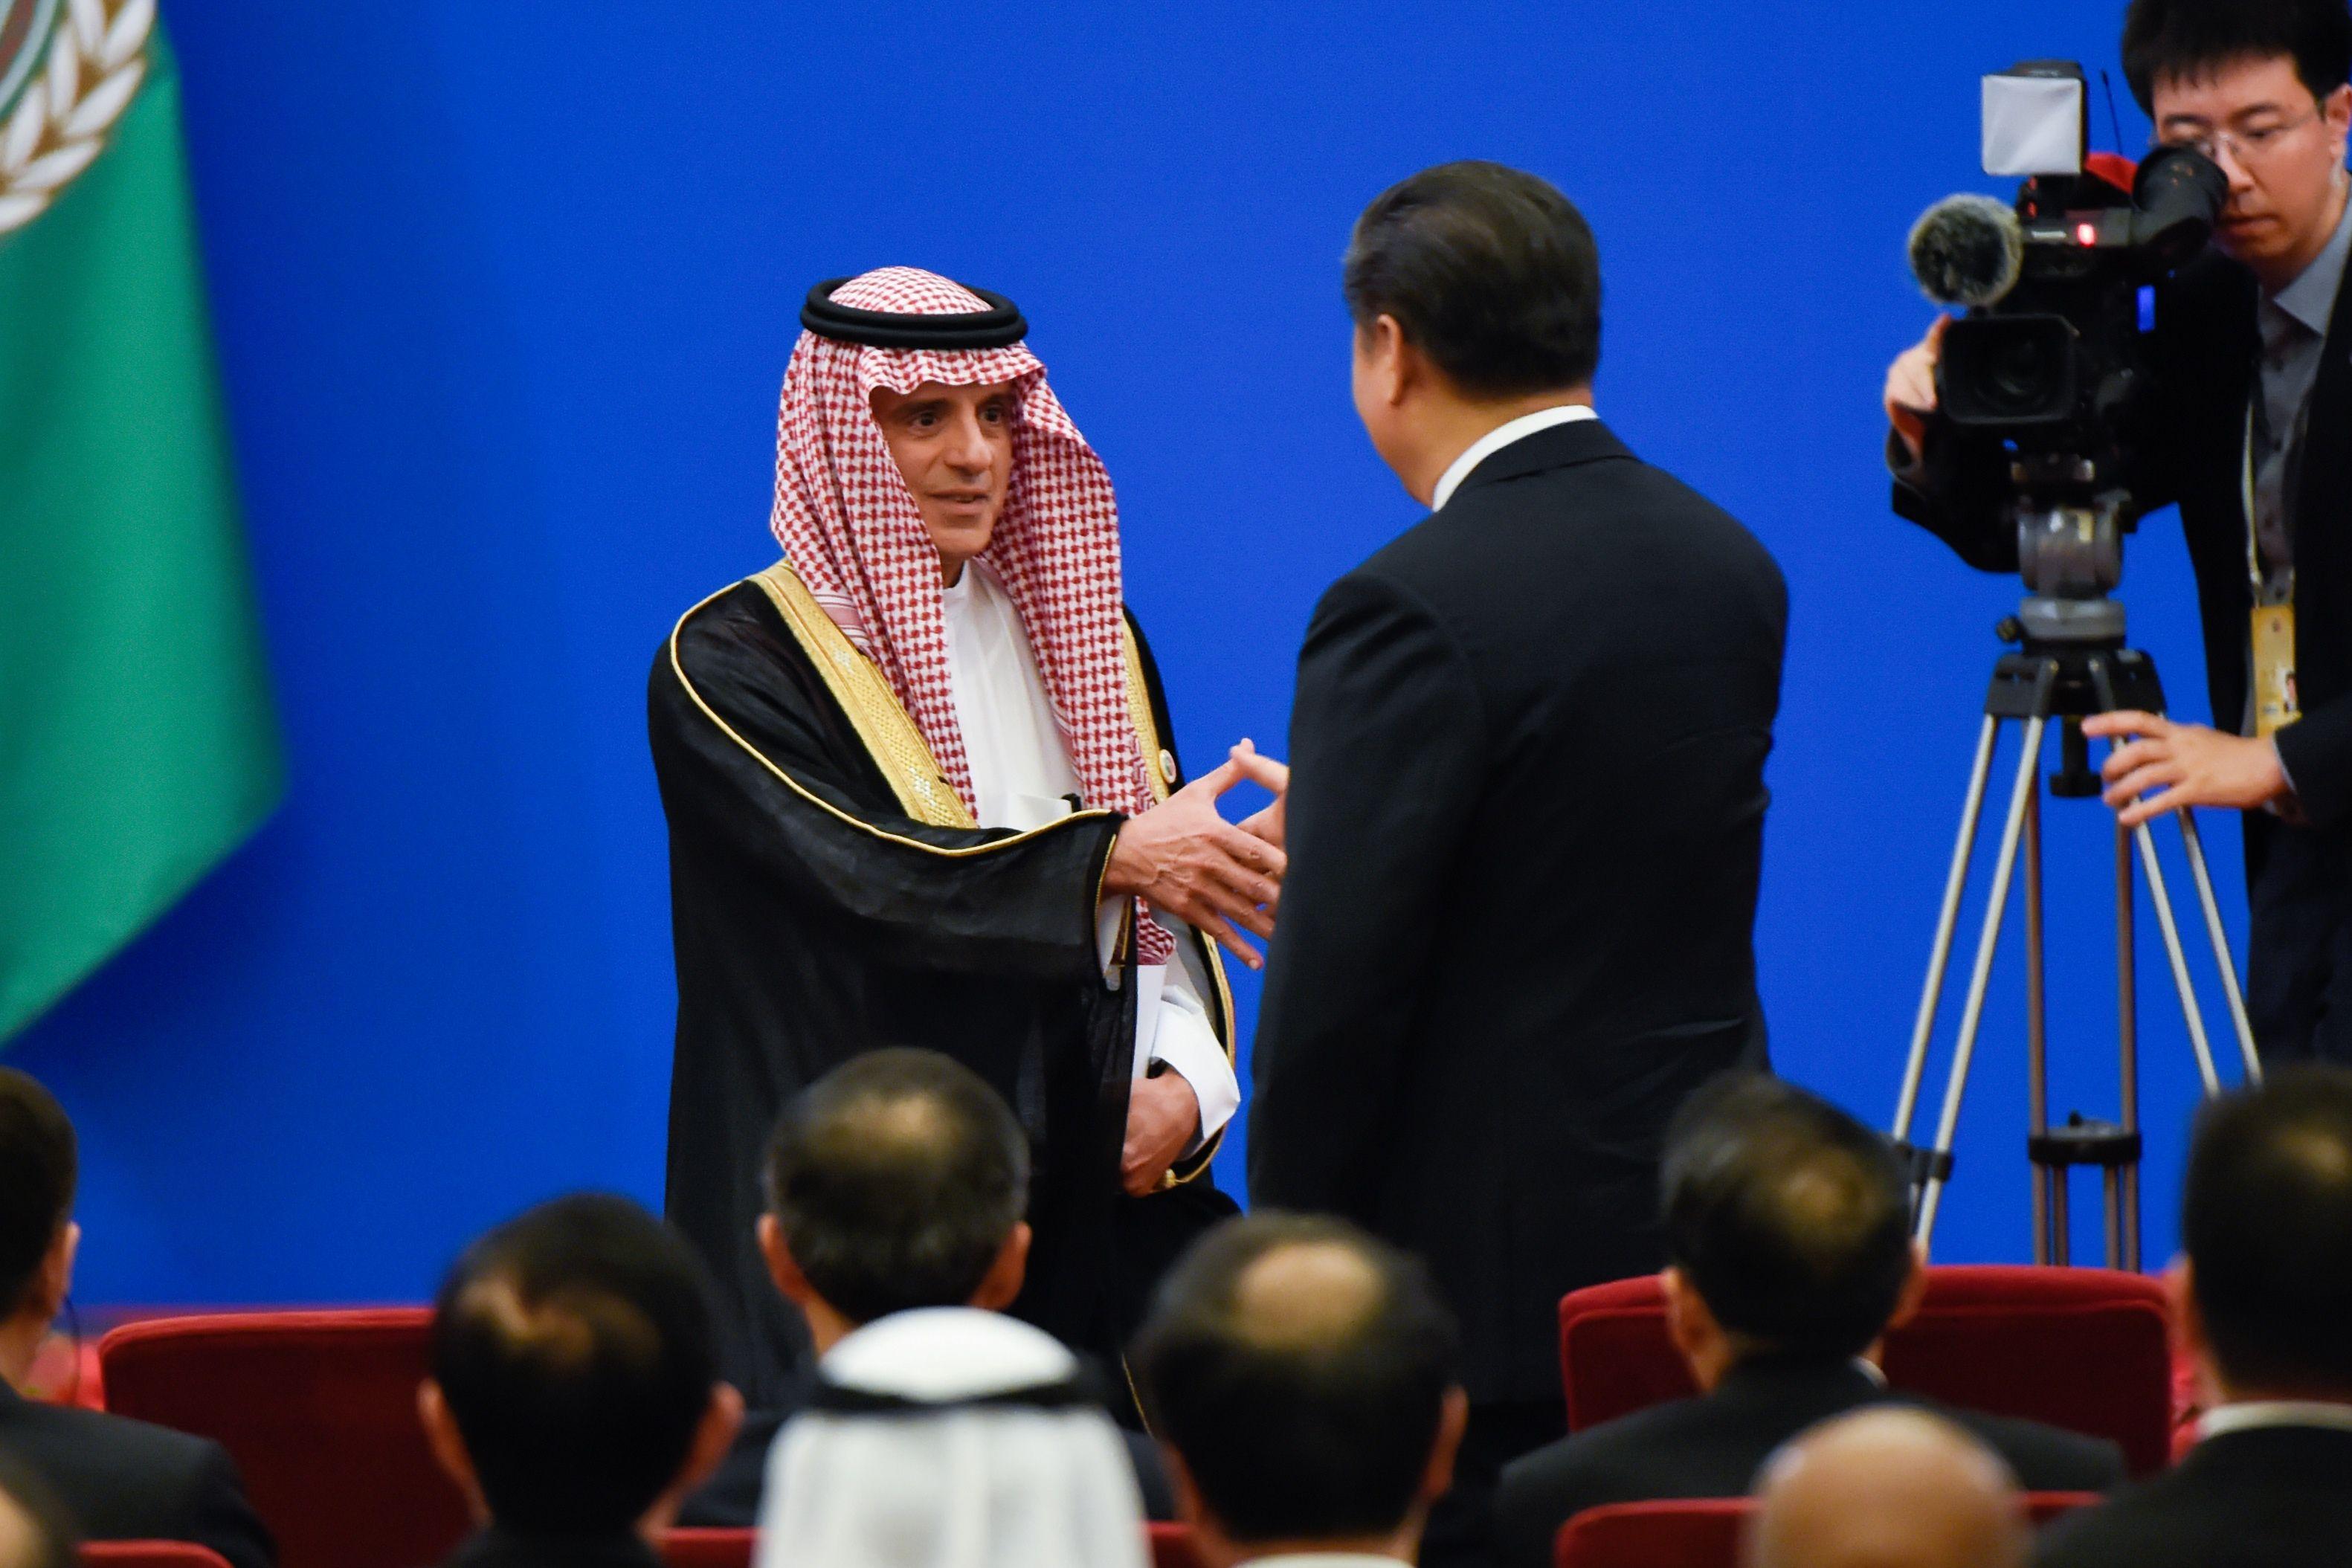 وزير الخارجية السعودى يصافح رئيس الصين